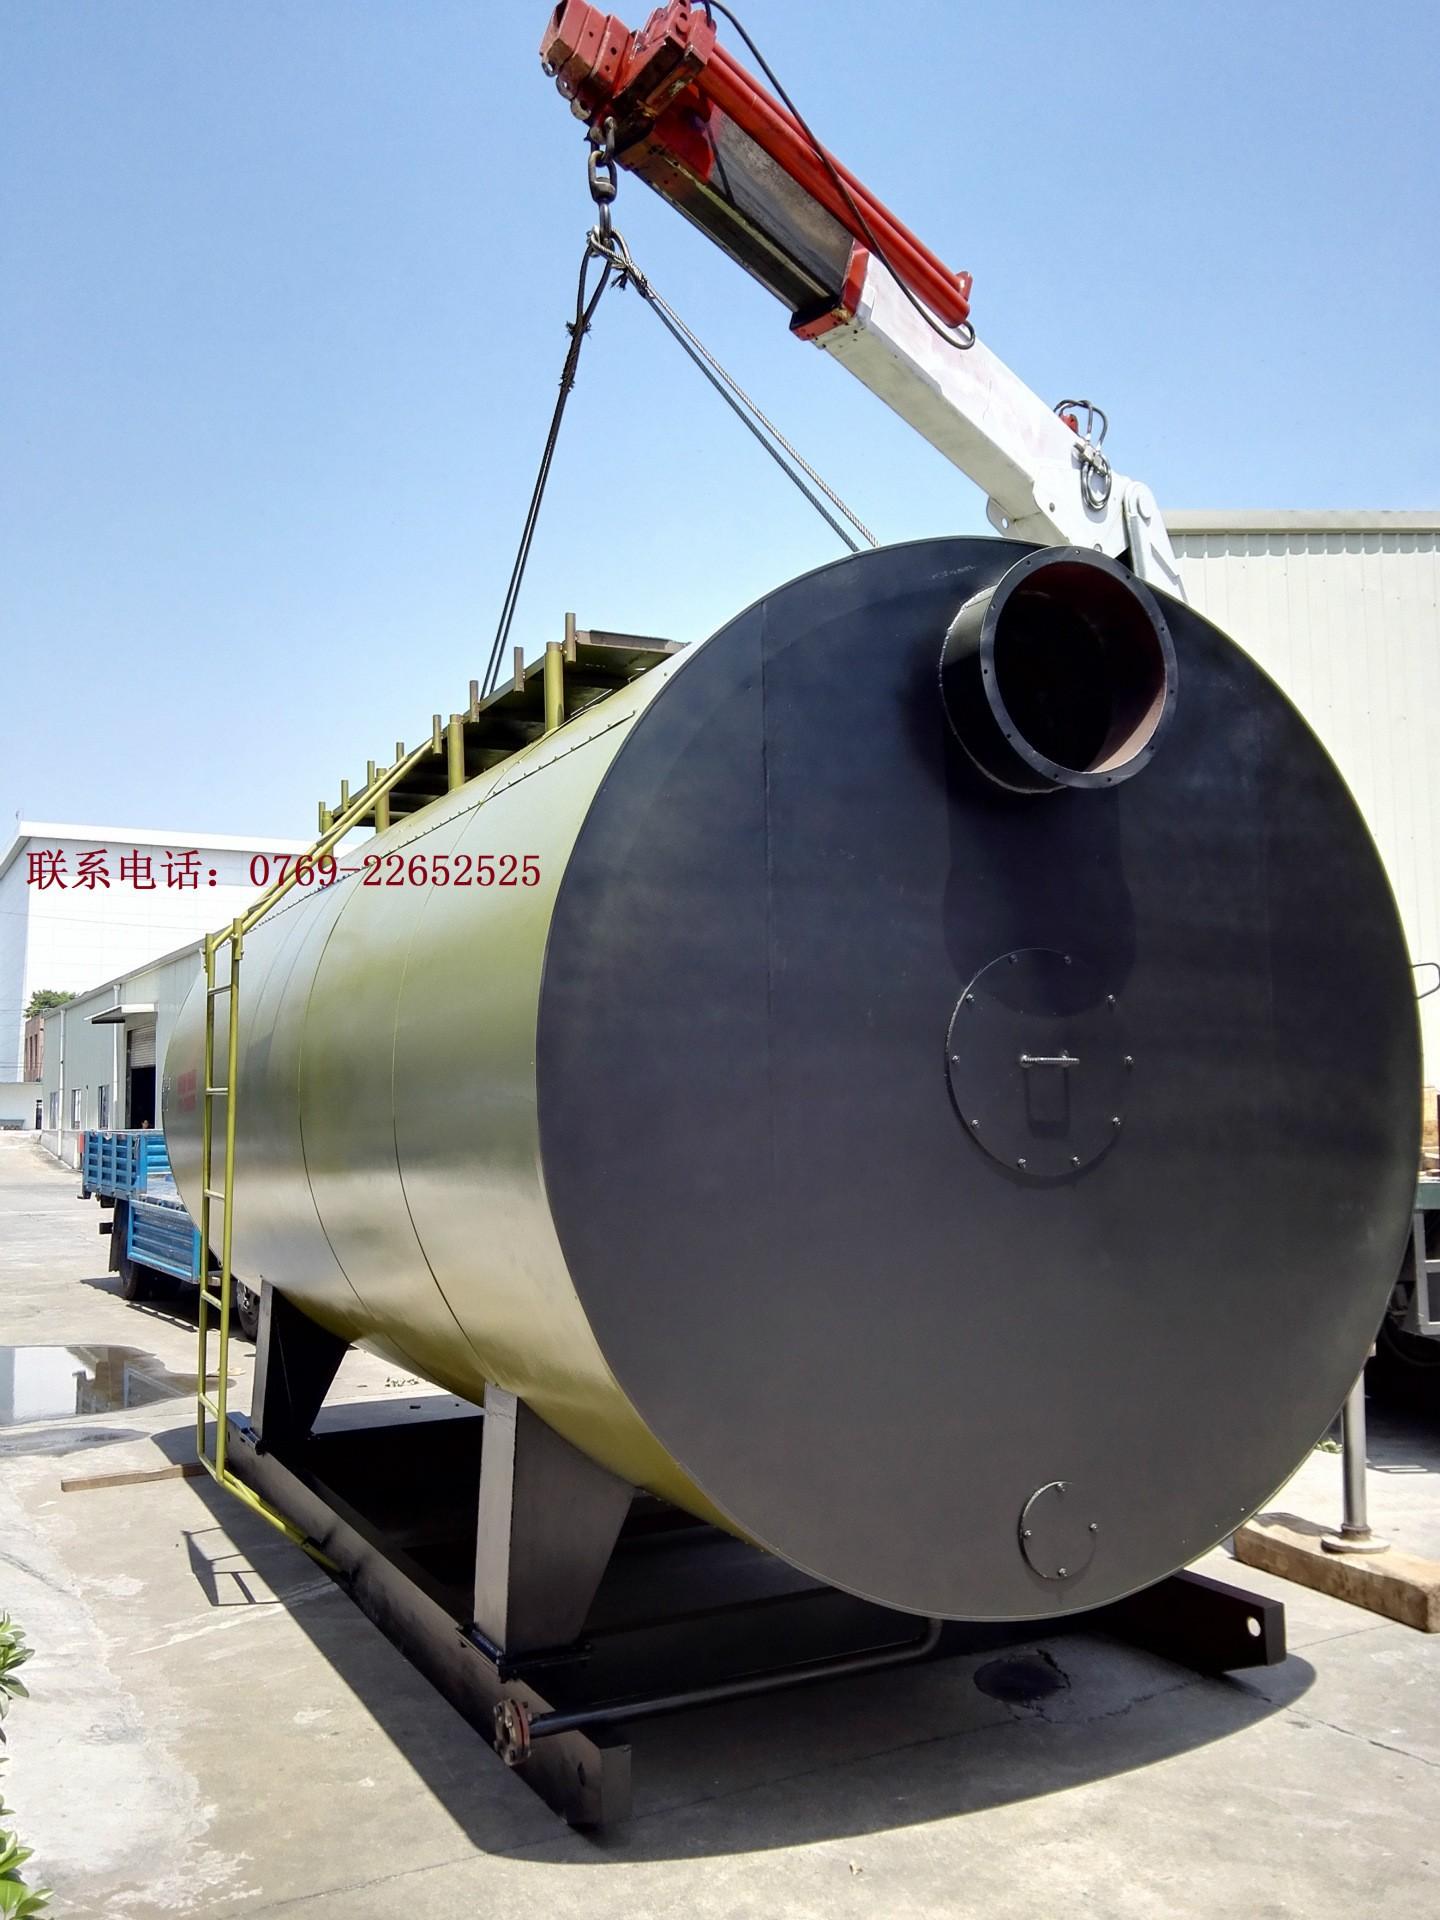 供应卧式燃气 快装锅炉 室燃炉 自然循环锅炉 工业锅炉